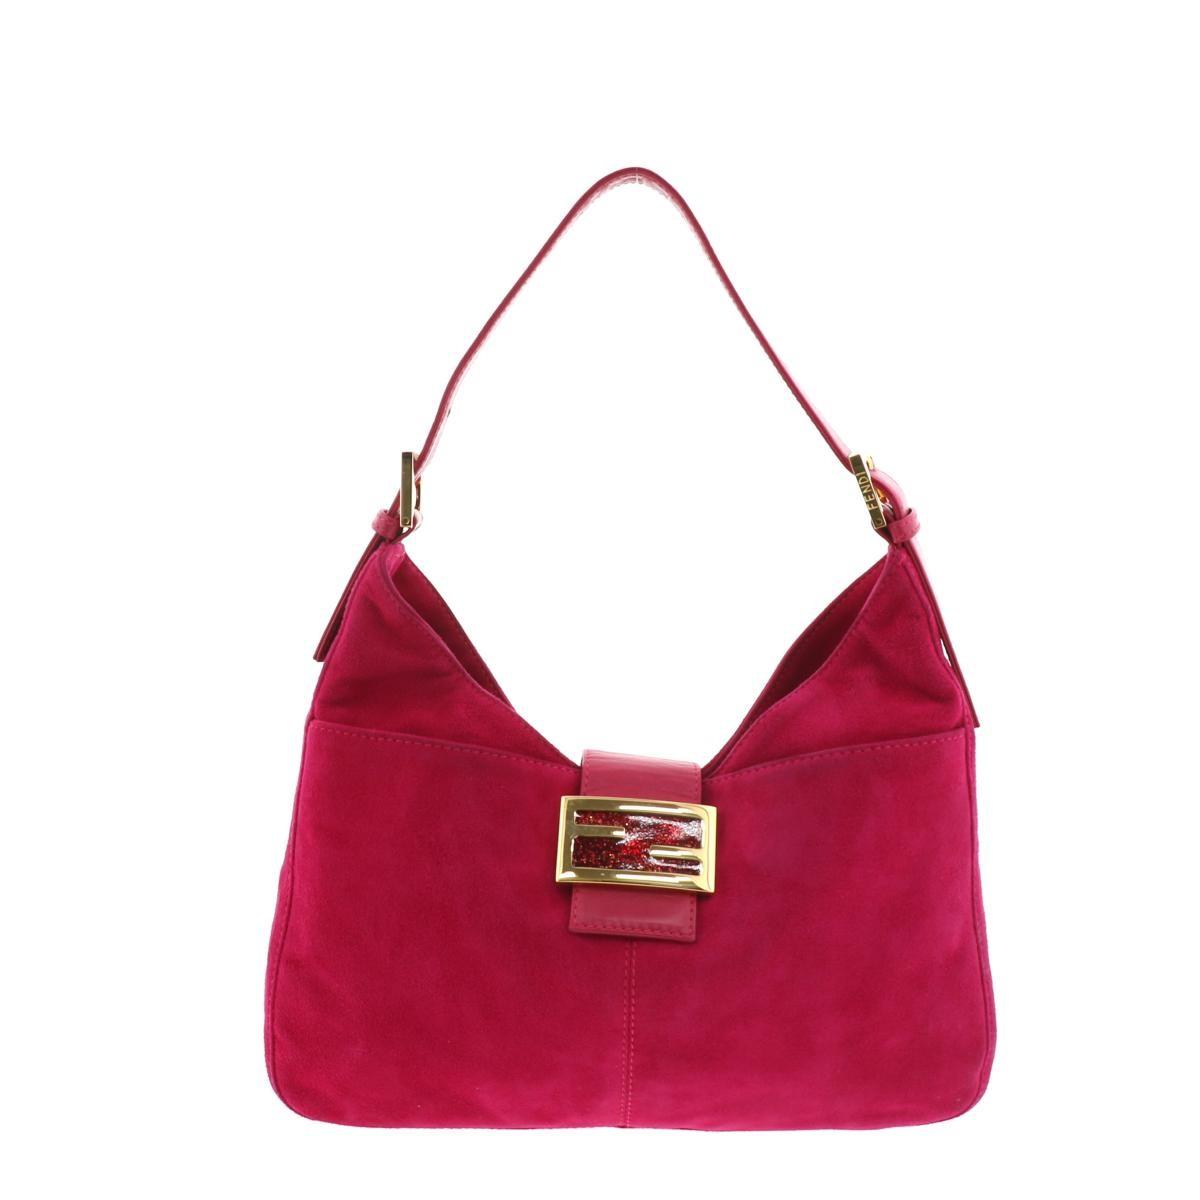 【値下げ中】【中古】フェンディ スエード マンマ バケット ショルダーバッグ ピンク FENDI Mamma Baguette Shoulder Bag Pink